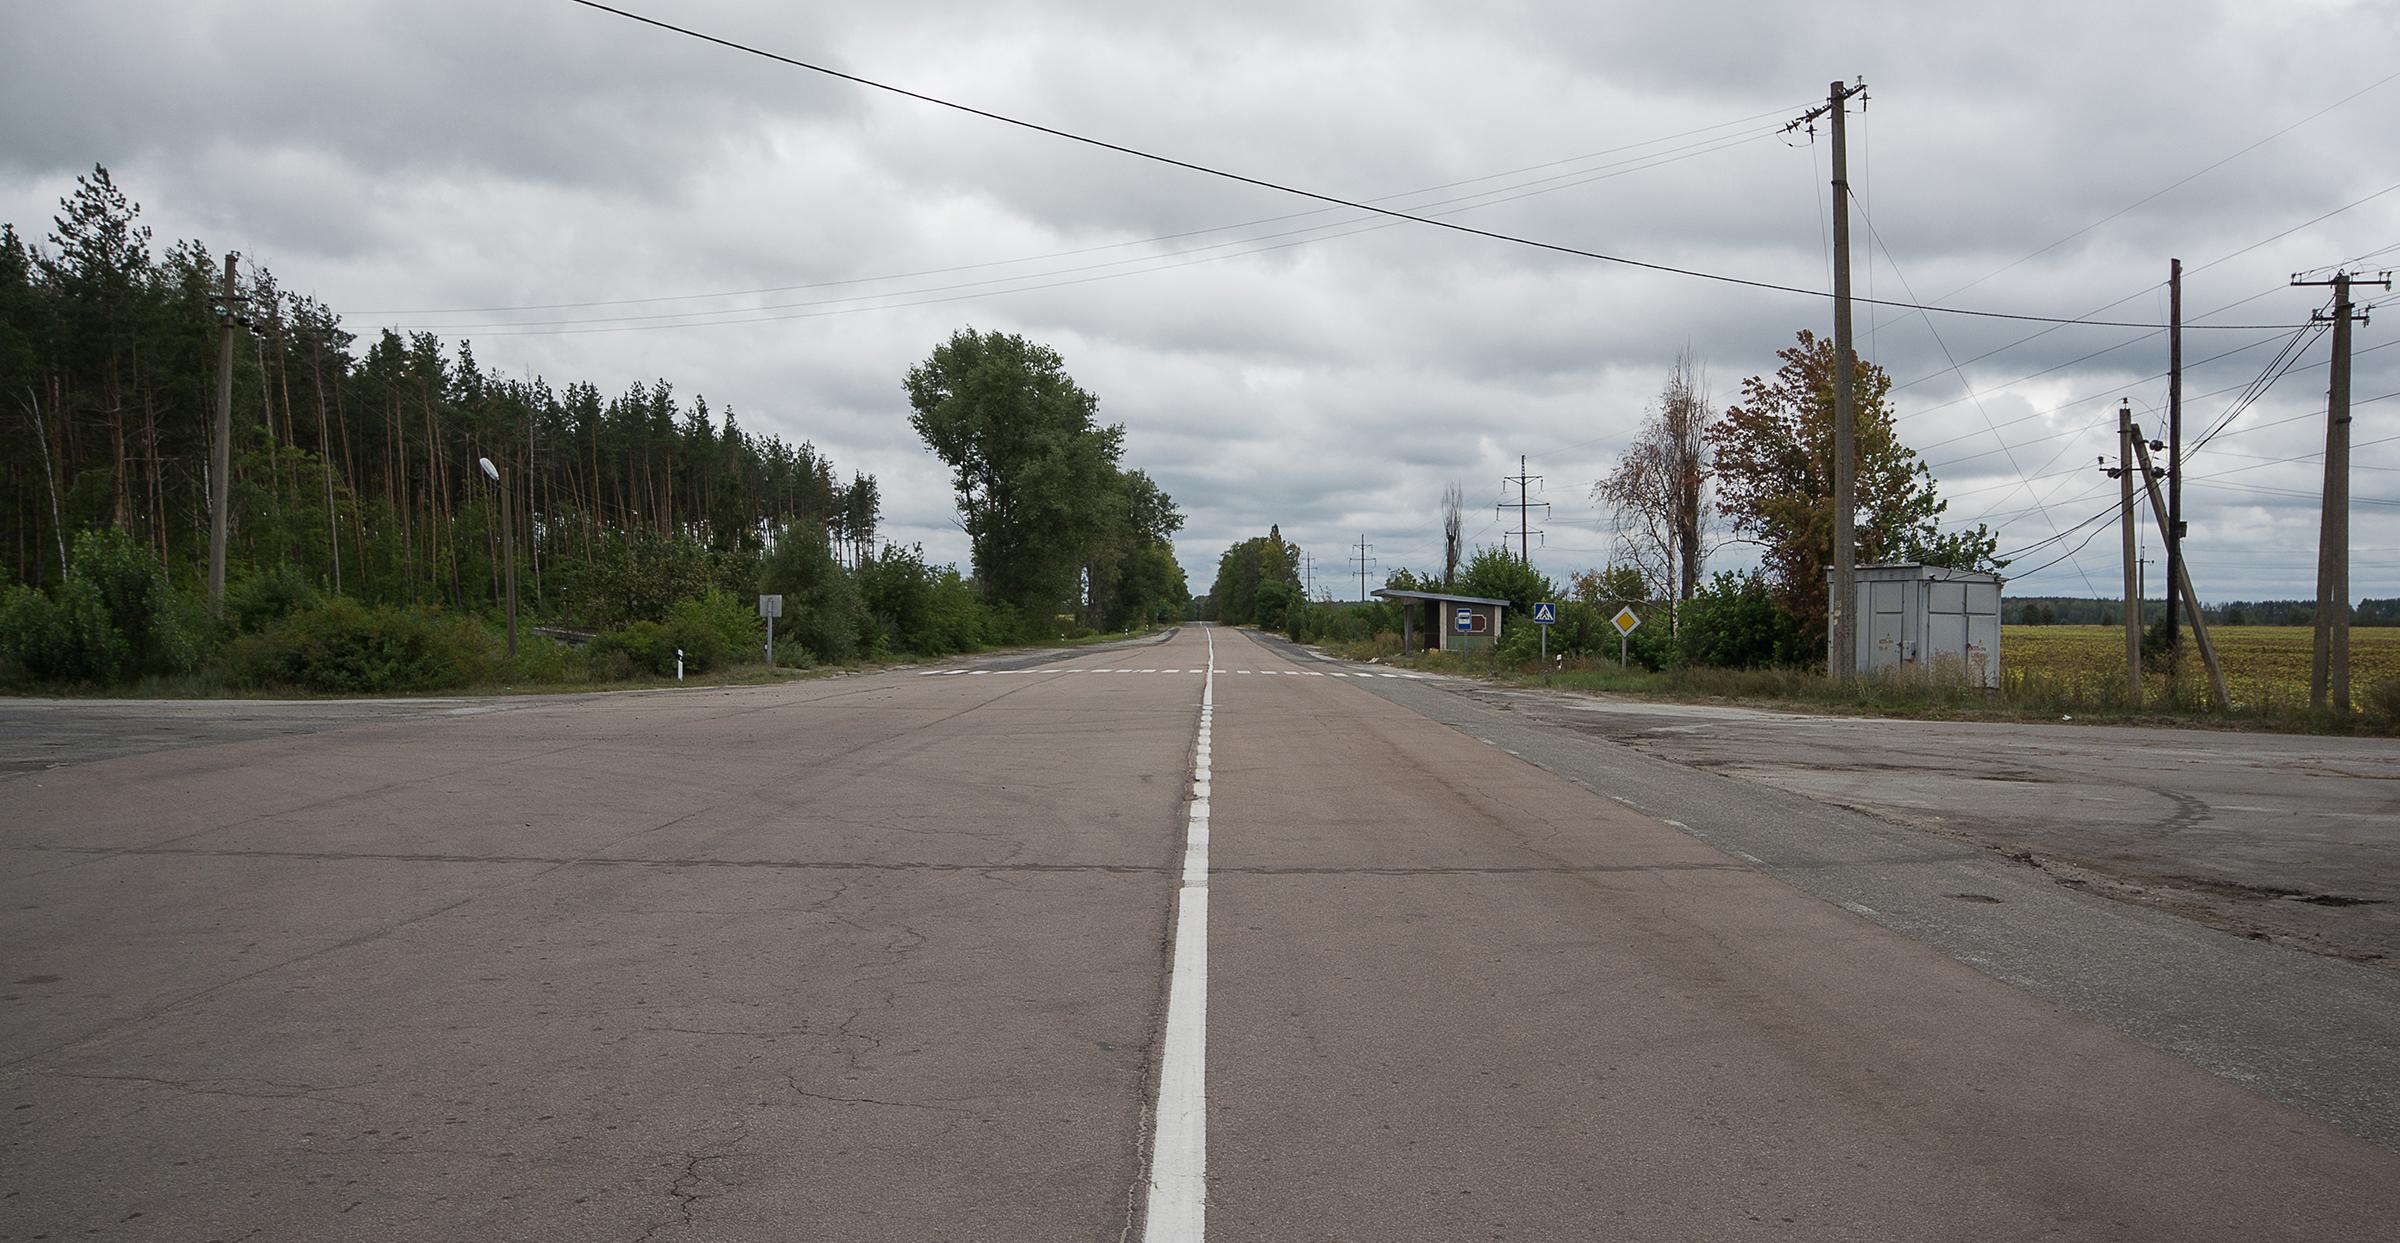 Chernobyl 2017